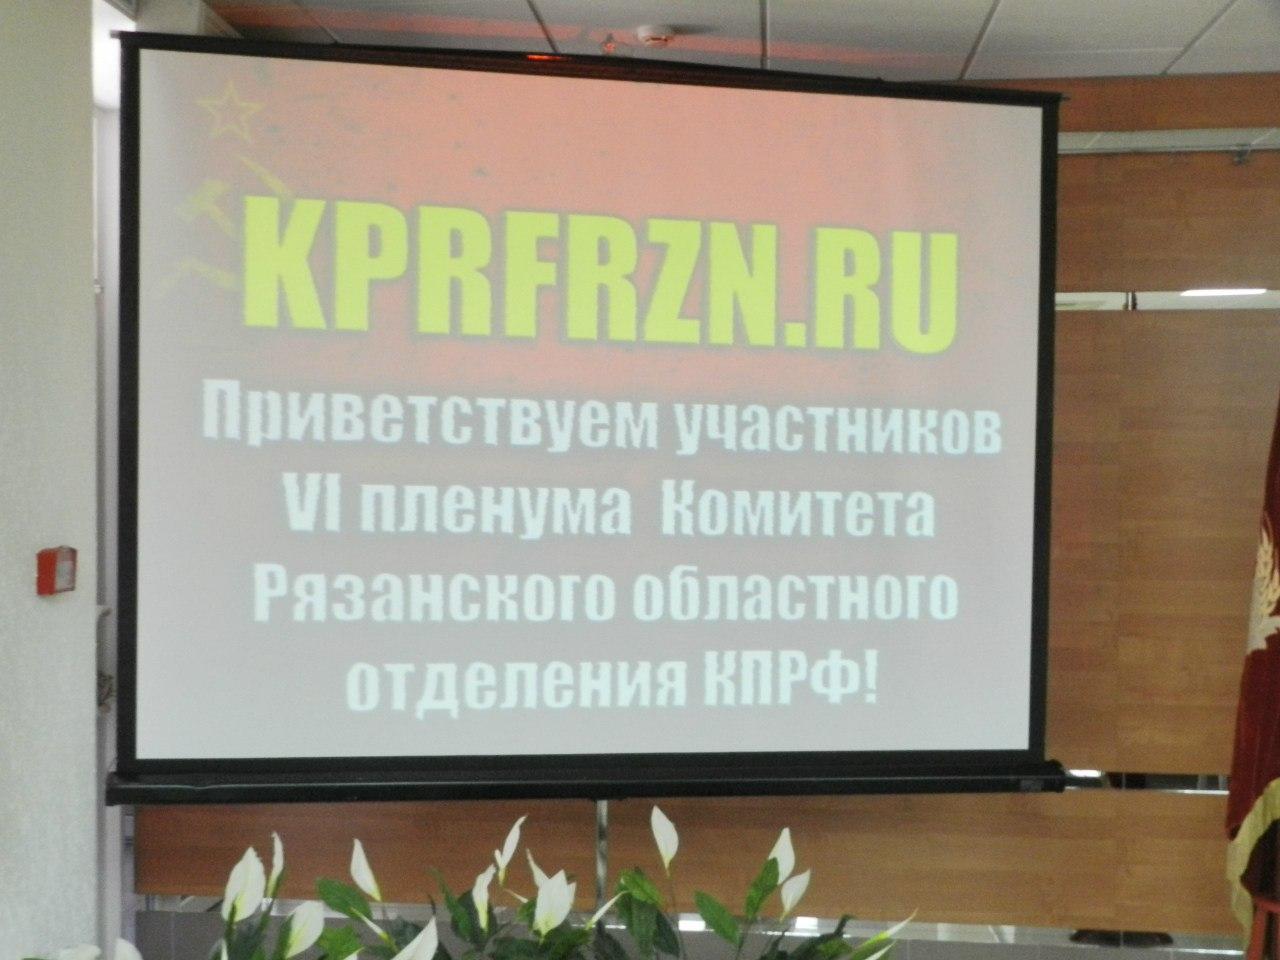 Начинается VI пленум Комитета Рязанского областного отделения КПРФ